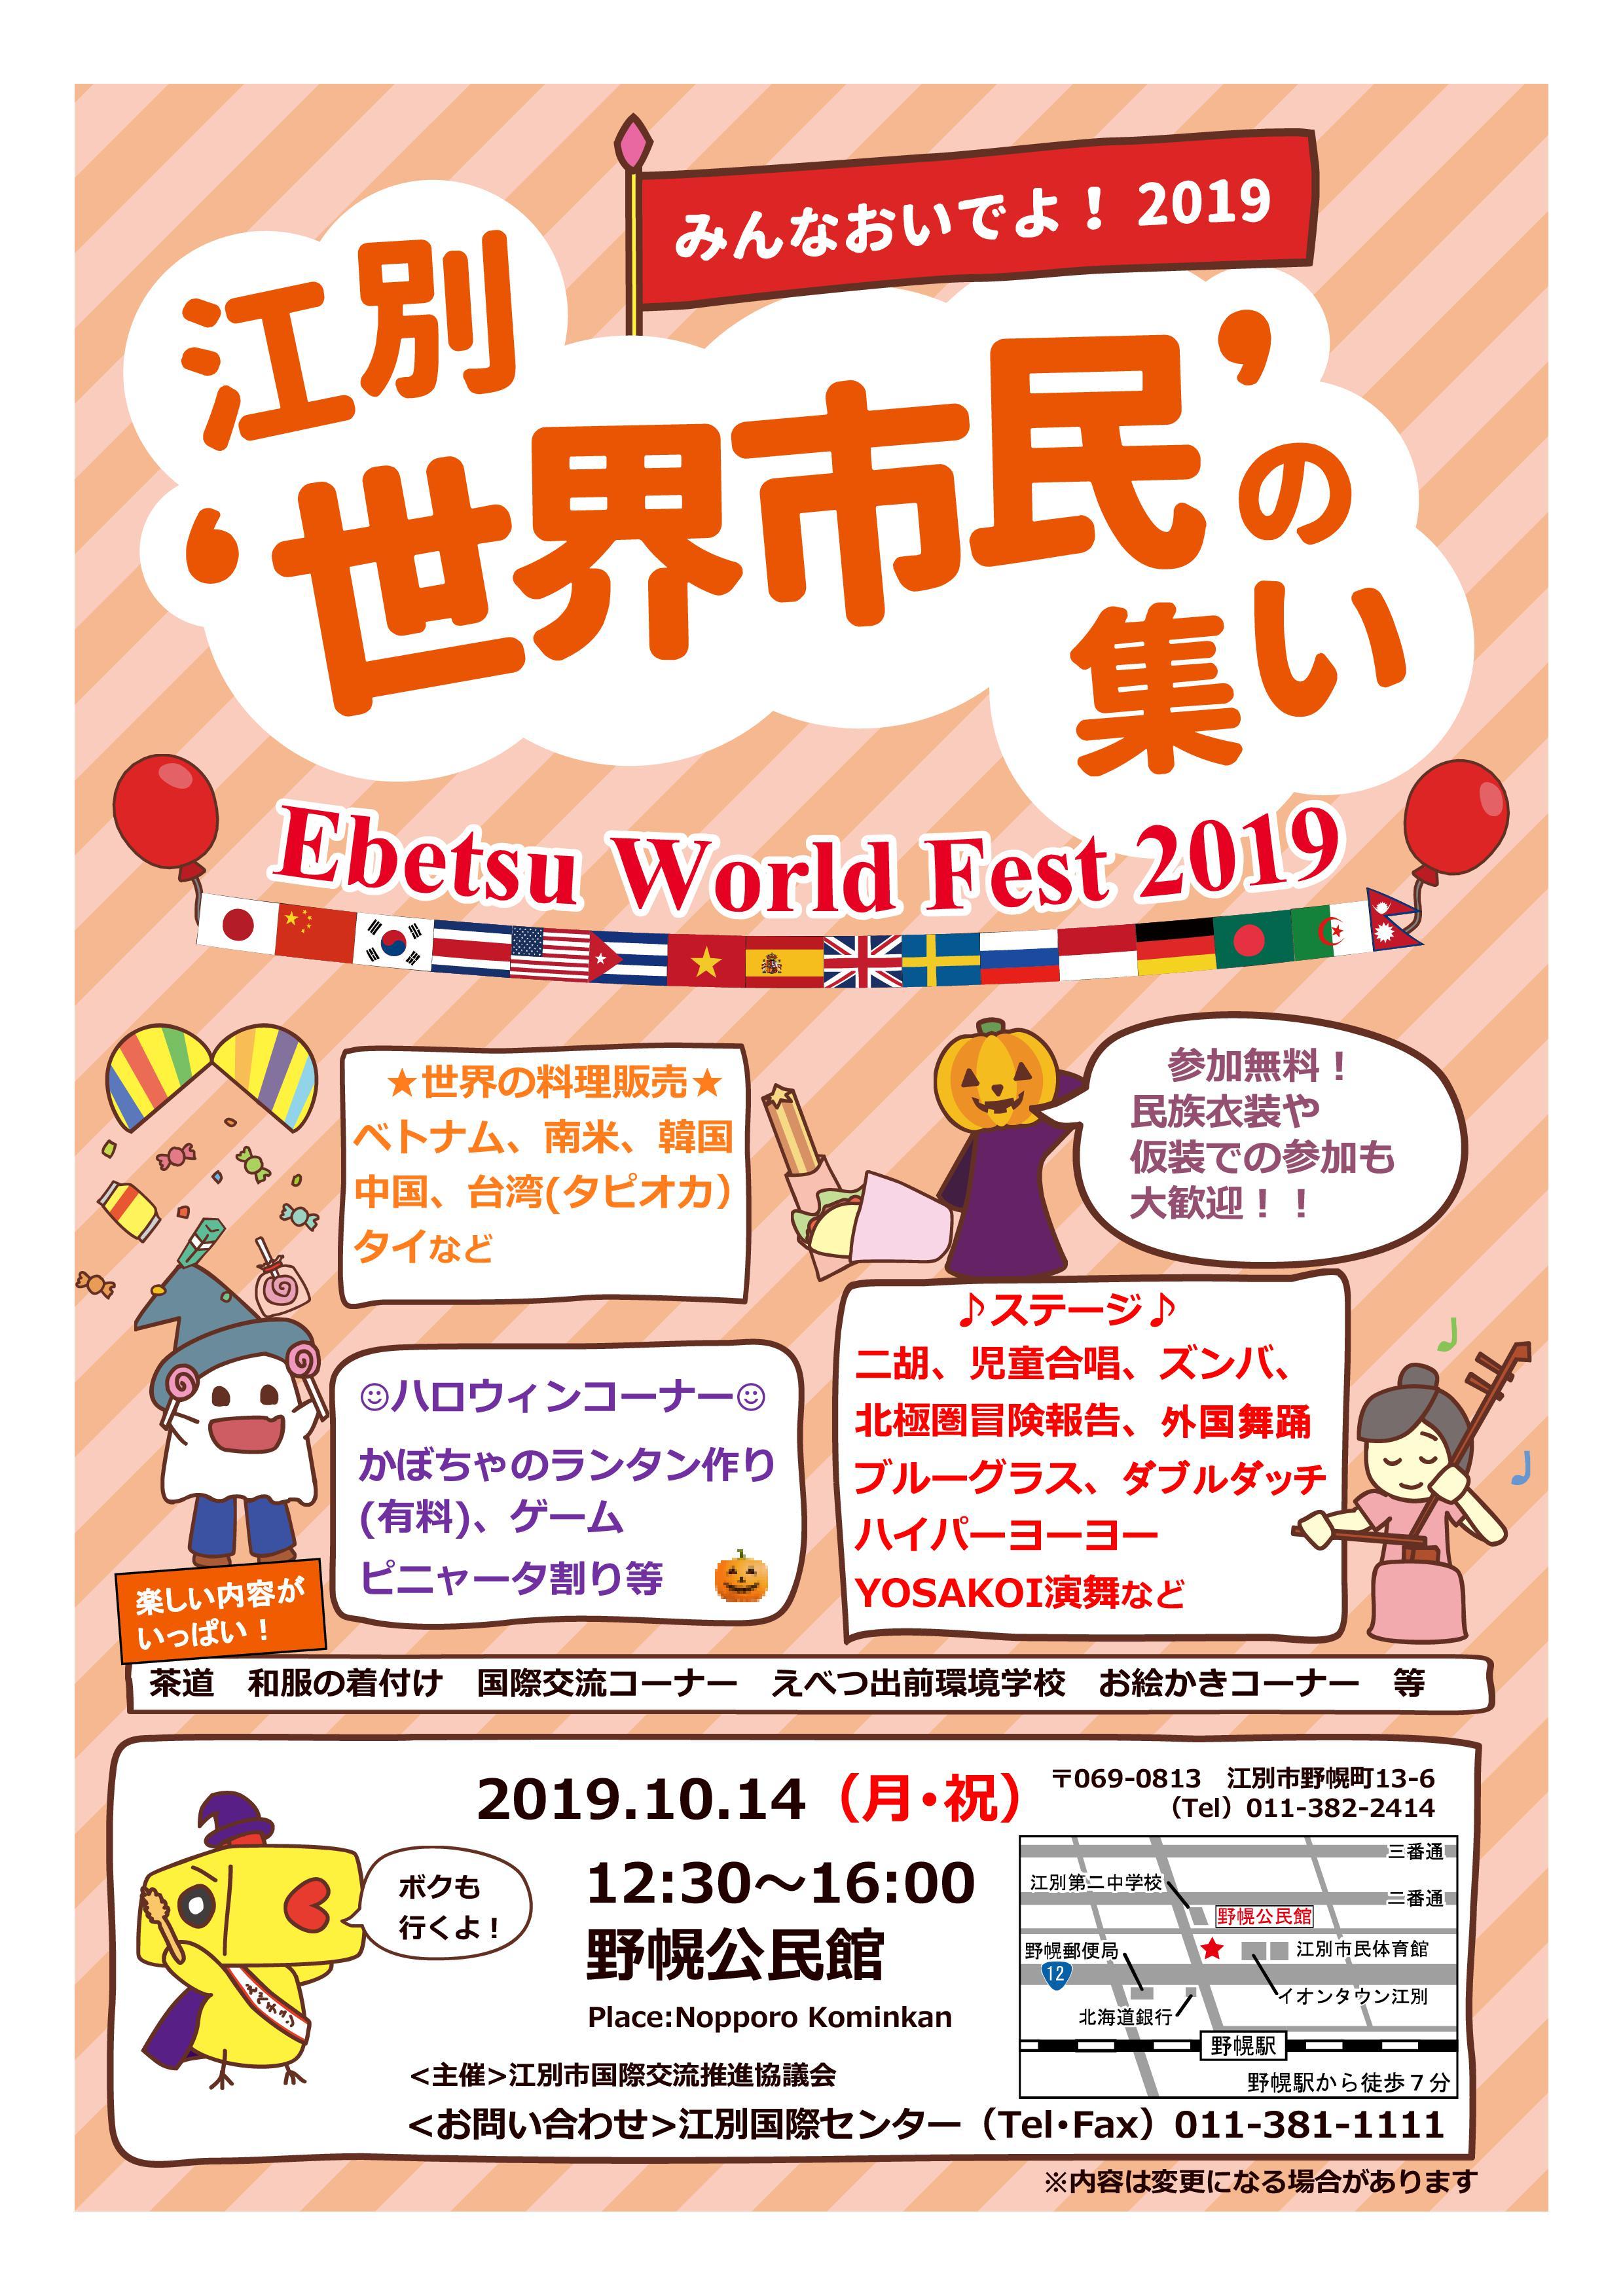 みんなおいでよ!2019江別'世界市民'の集い開催のお知らせのイメージ